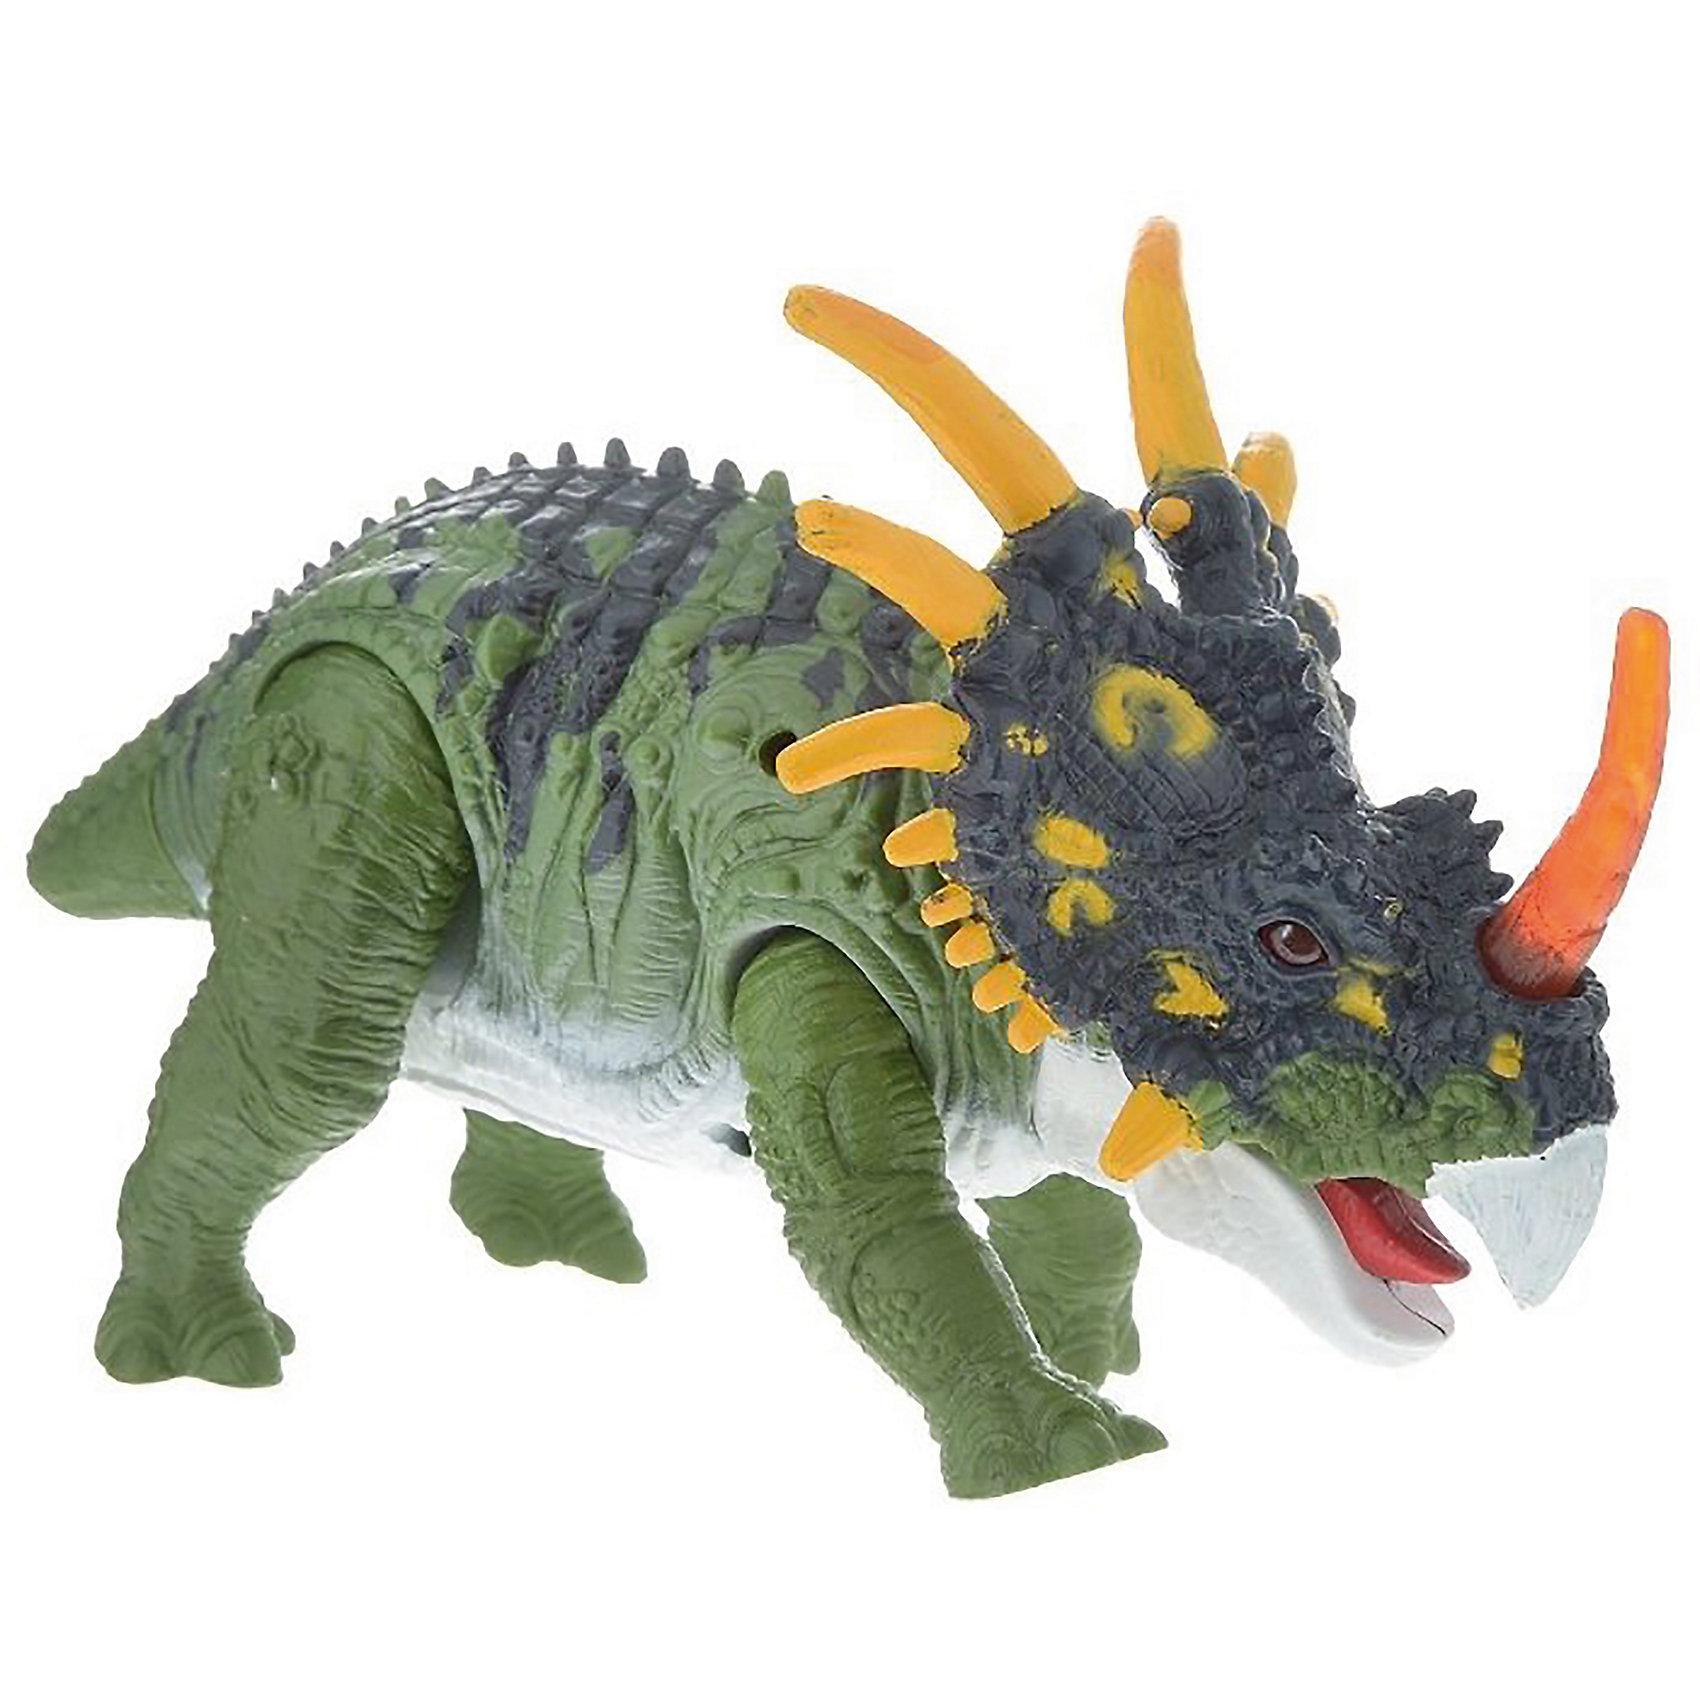 Подвижная фигура Стиракозавр, Chap MeiДинозавр со звуком и светом (работает на 3xбатарейках AG13 функция трай-ми)<br><br>Ширина мм: 292<br>Глубина мм: 114<br>Высота мм: 191<br>Вес г: 1028<br>Возраст от месяцев: 36<br>Возраст до месяцев: 2147483647<br>Пол: Унисекс<br>Возраст: Детский<br>SKU: 5503288